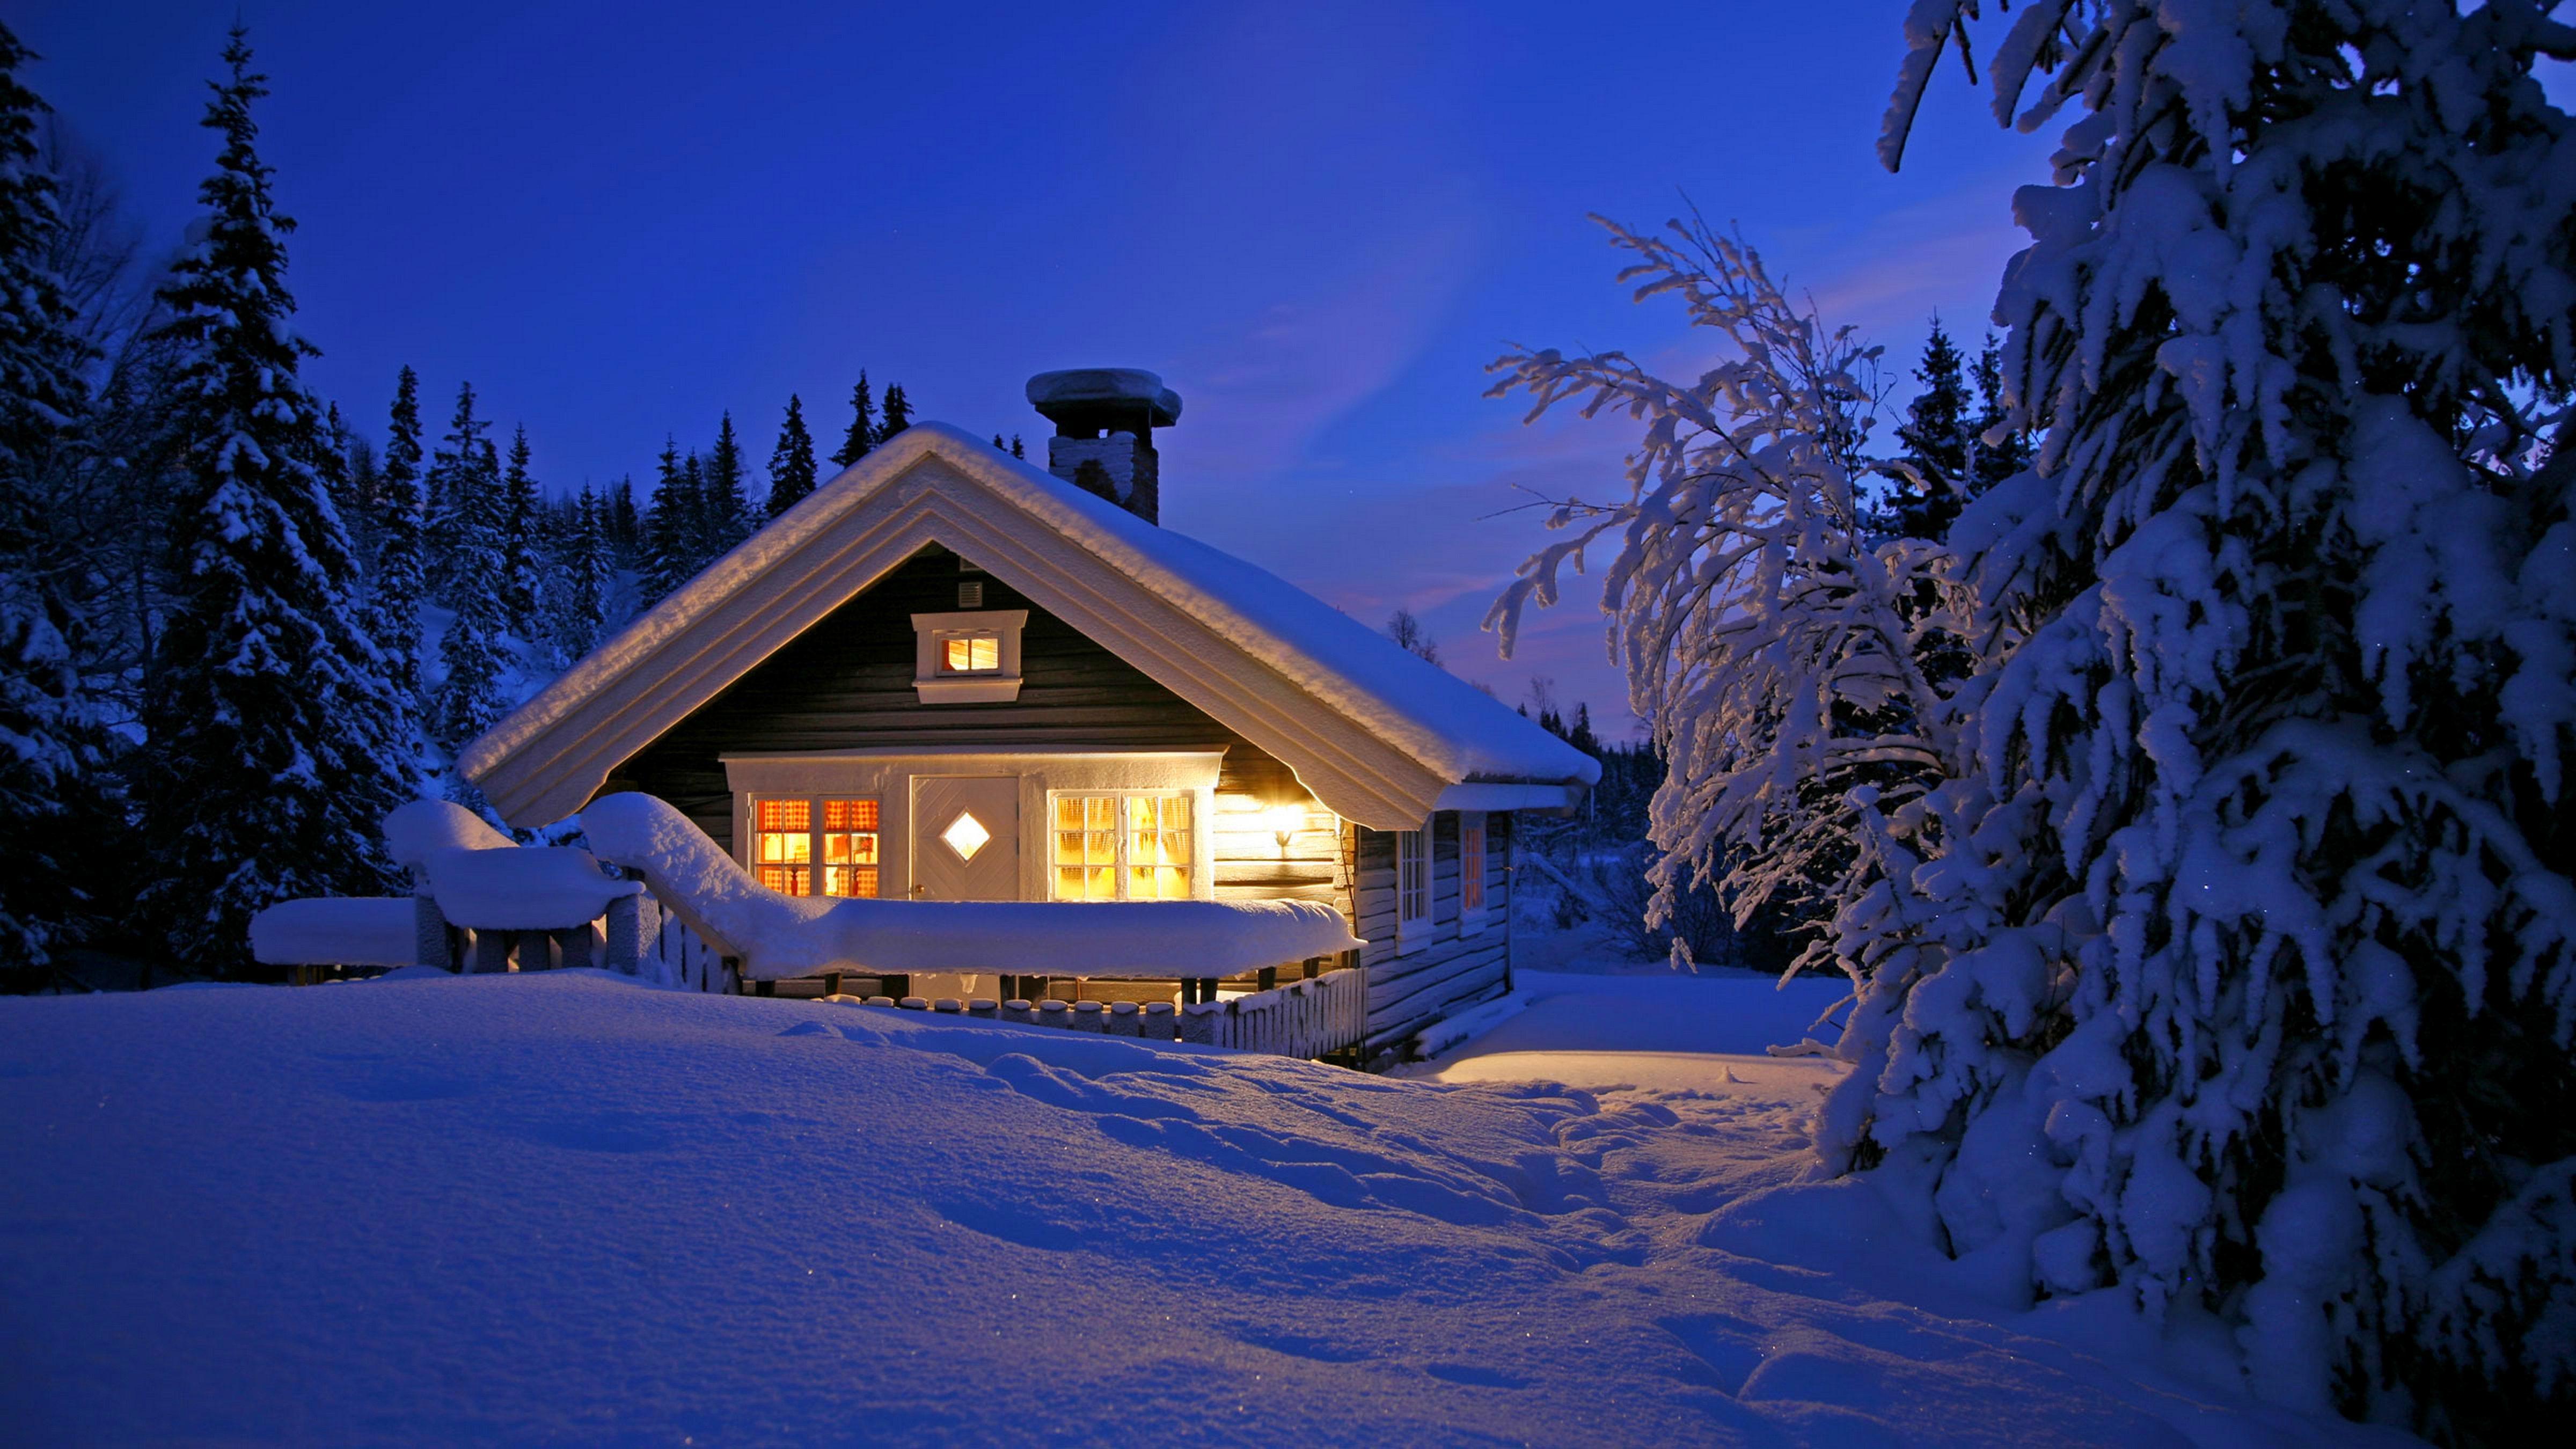 Заснеженный Финский домик бесплатно